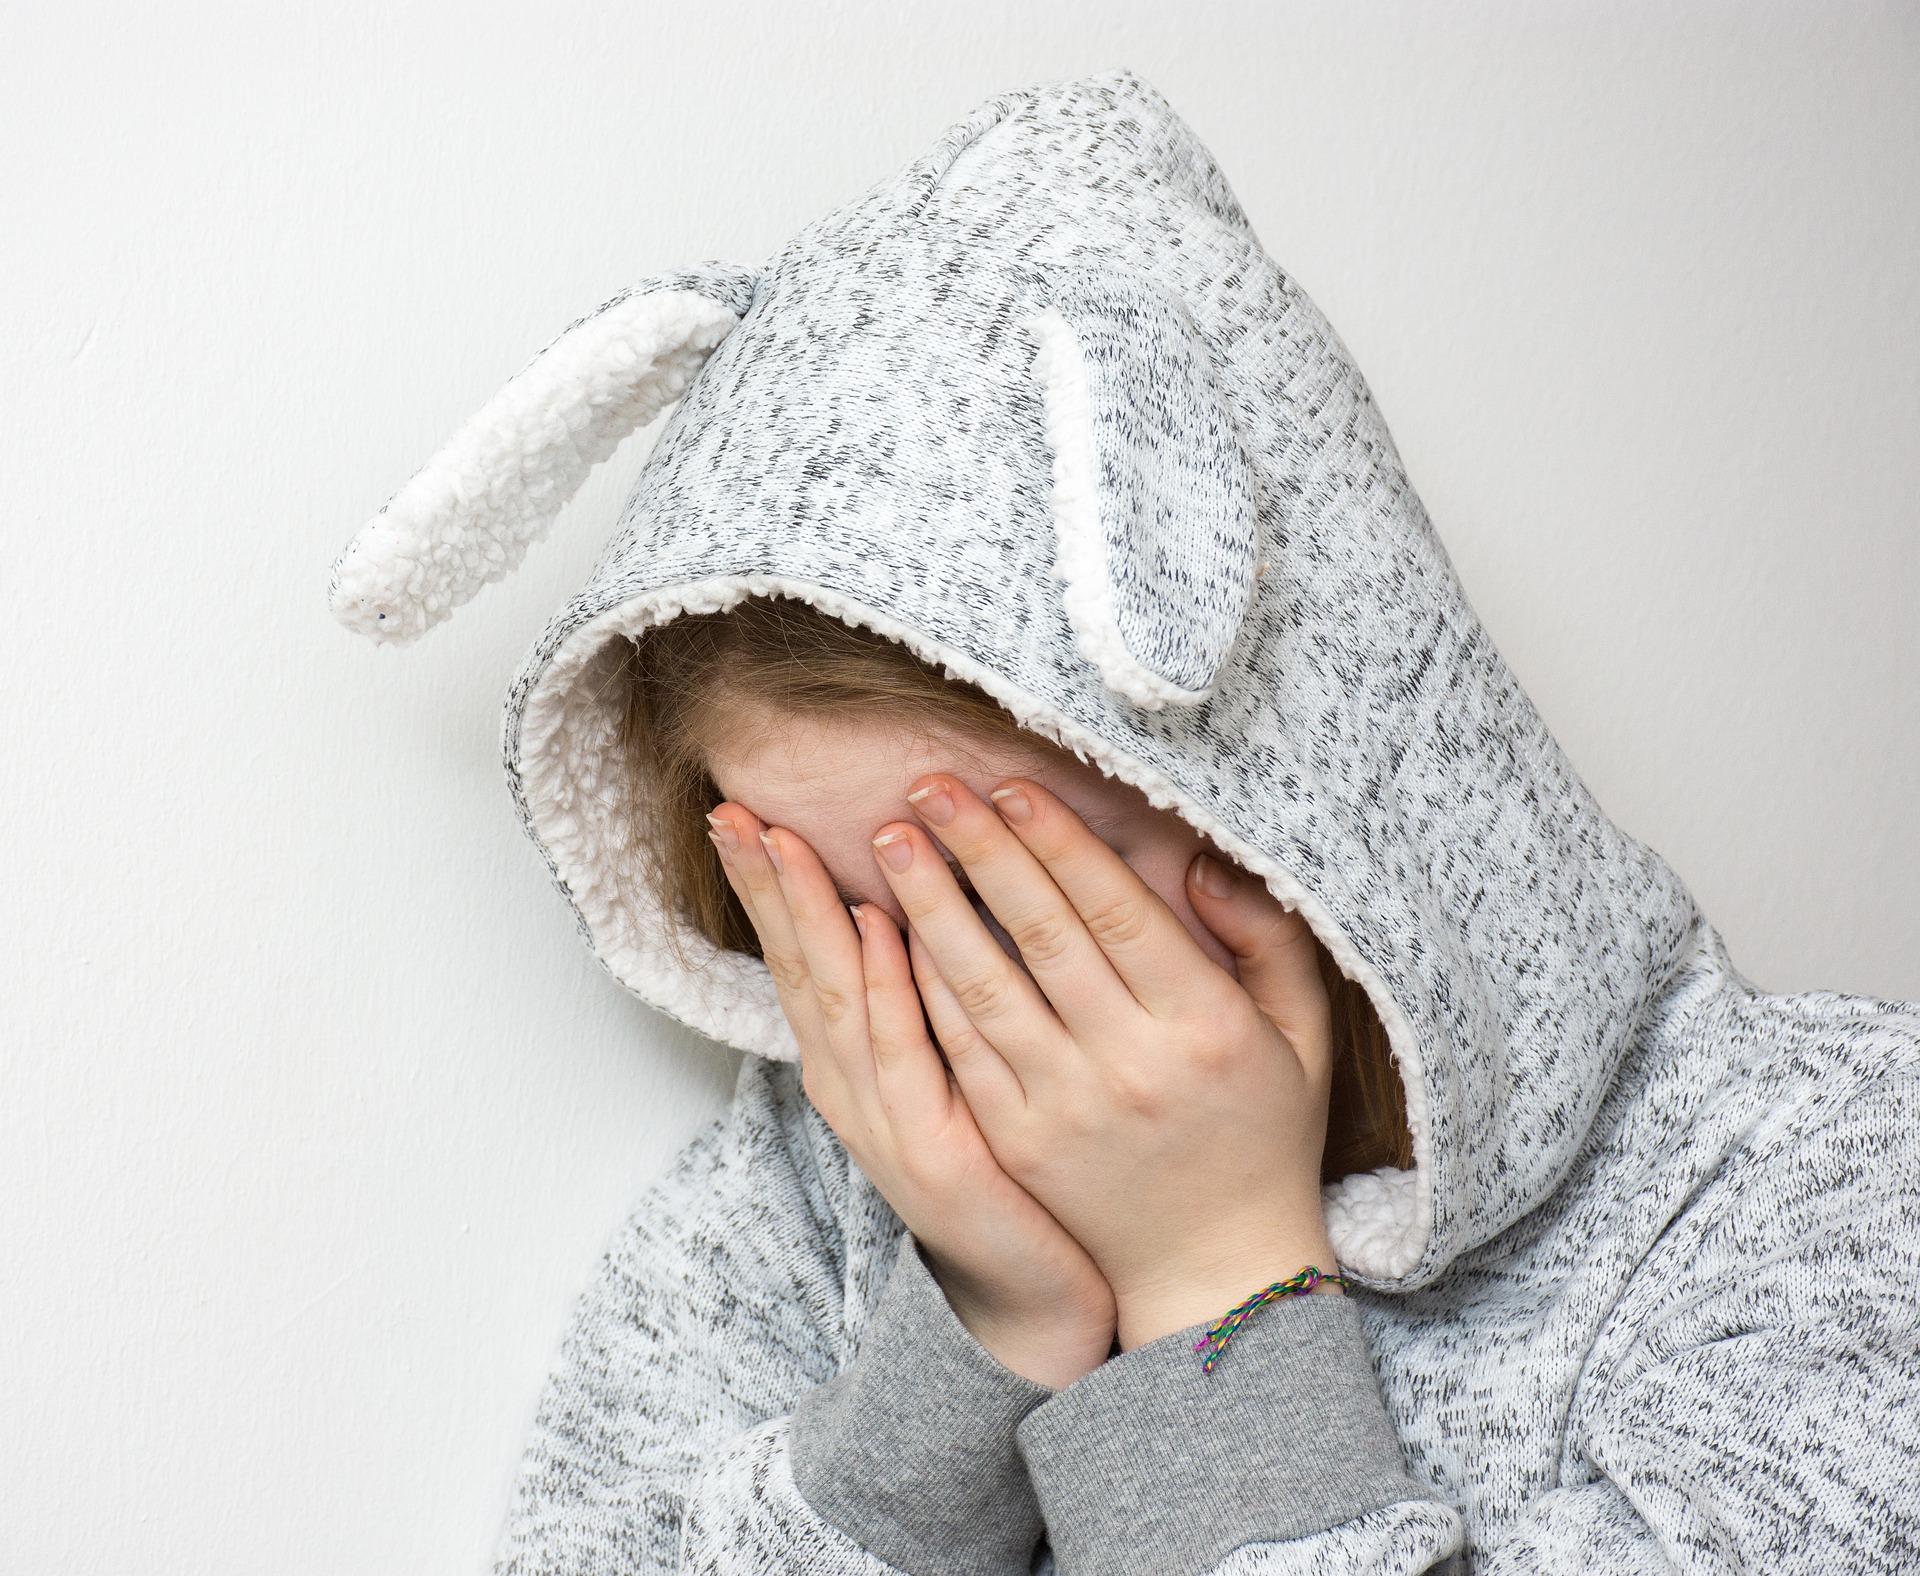 Image Of Person In Despair